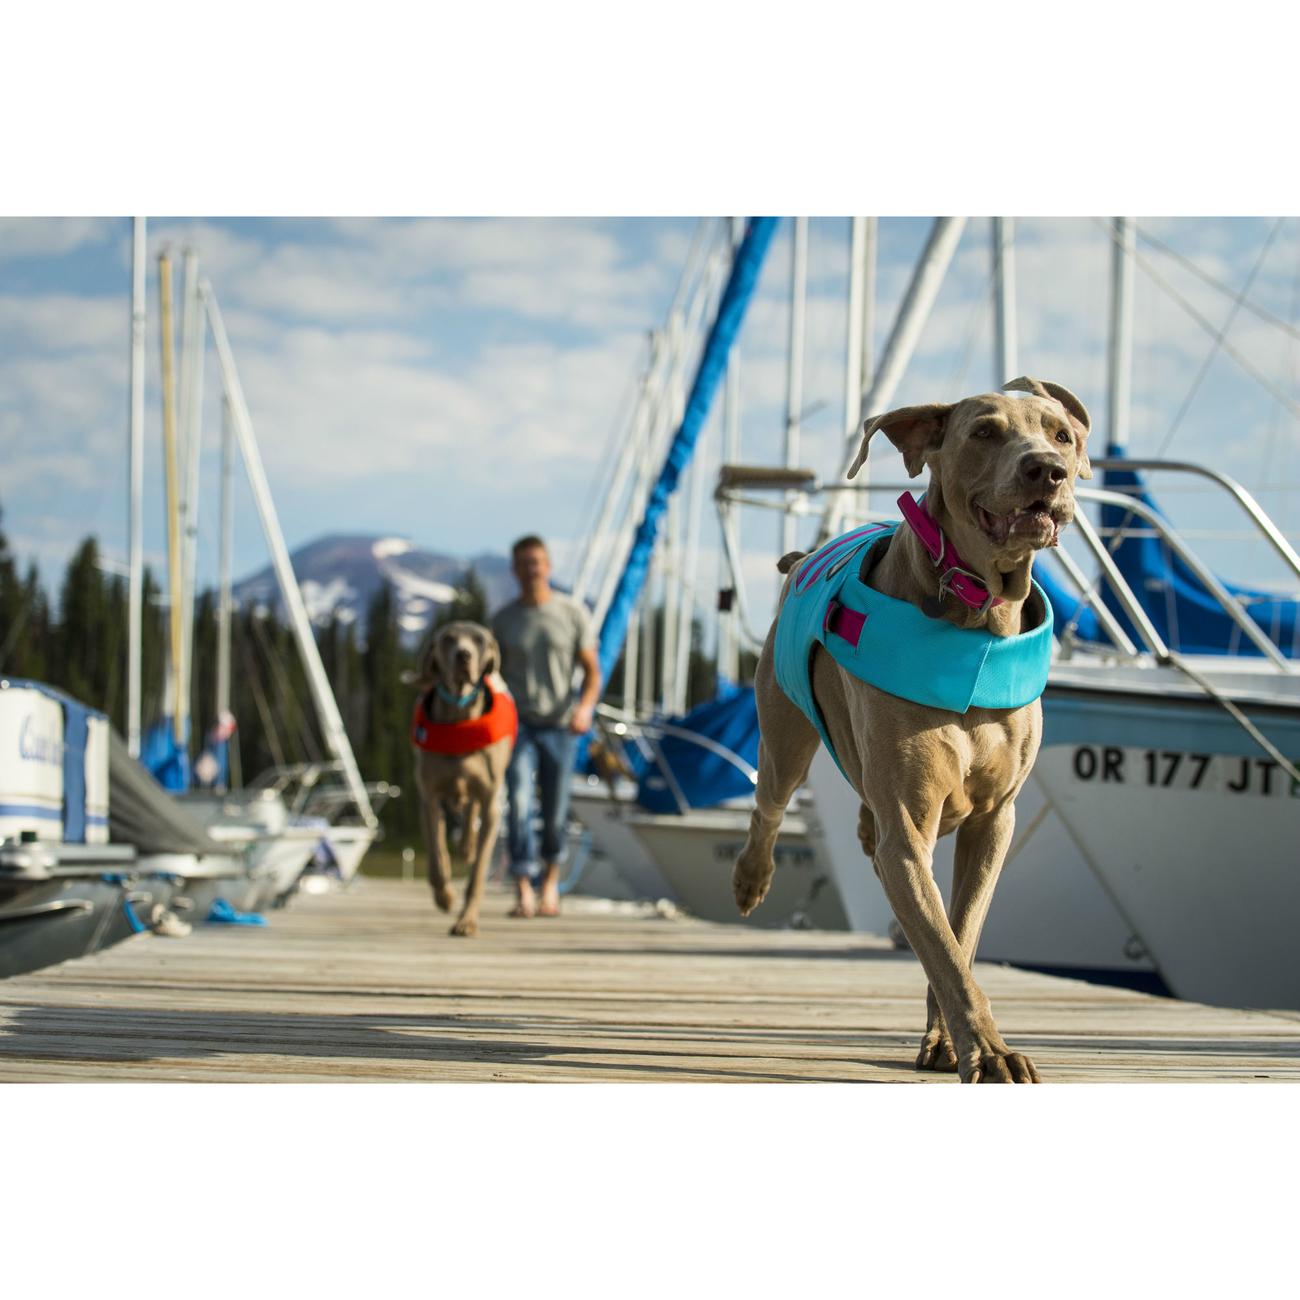 Ruffwear Float Coat Schwimmweste für Hunde, Bild 22